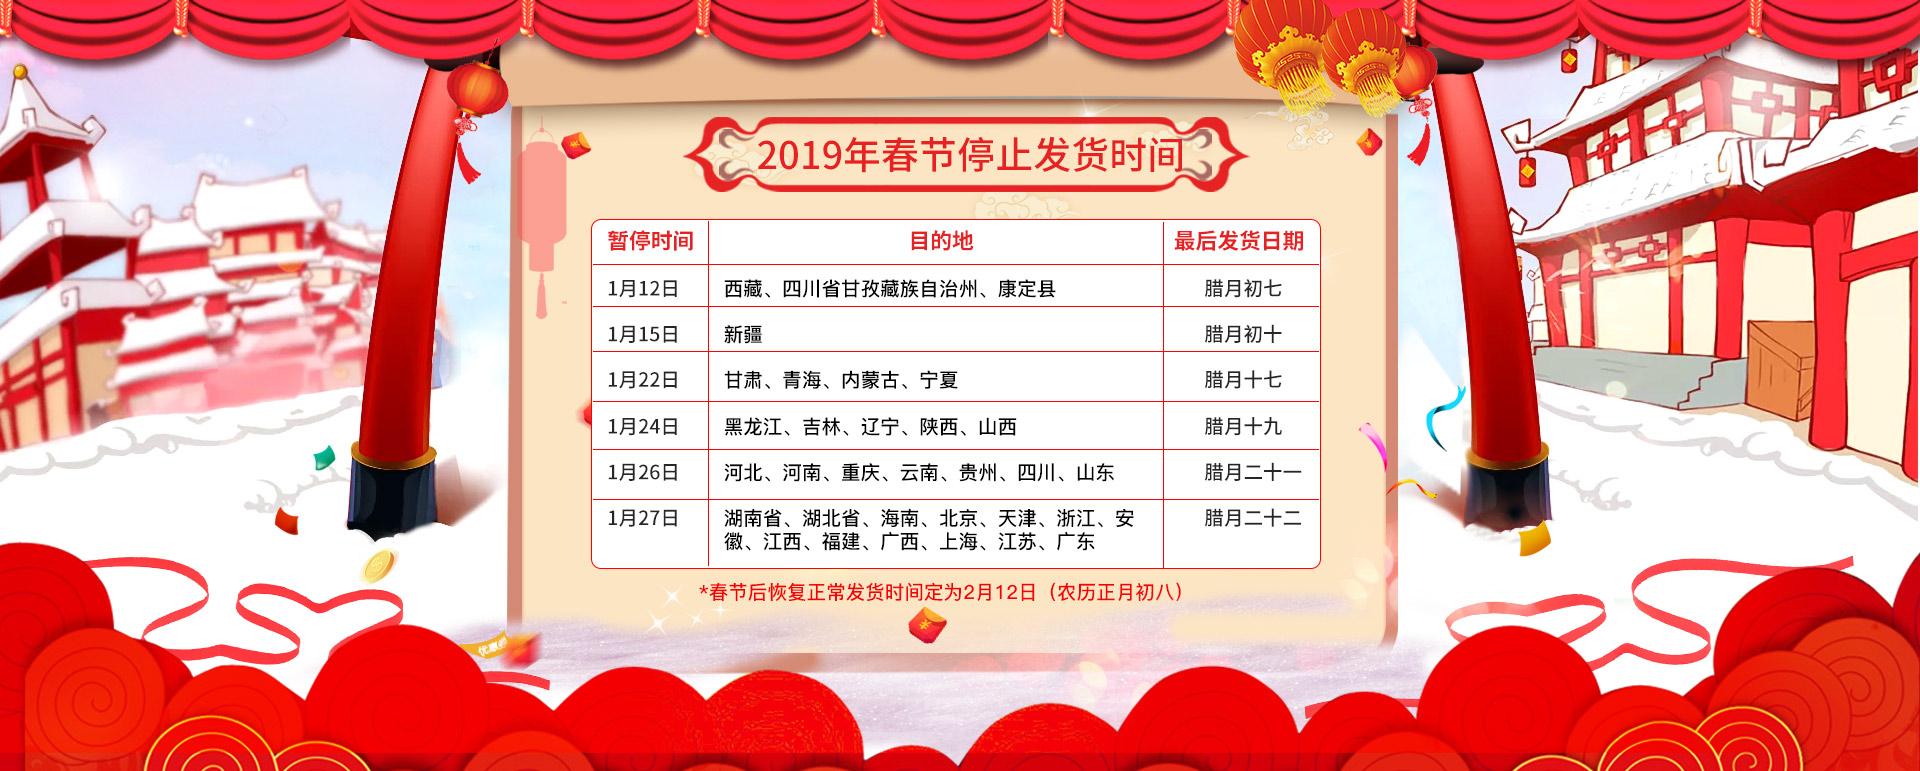 2019年春节停止发货地区和时间表1920x771.jpg